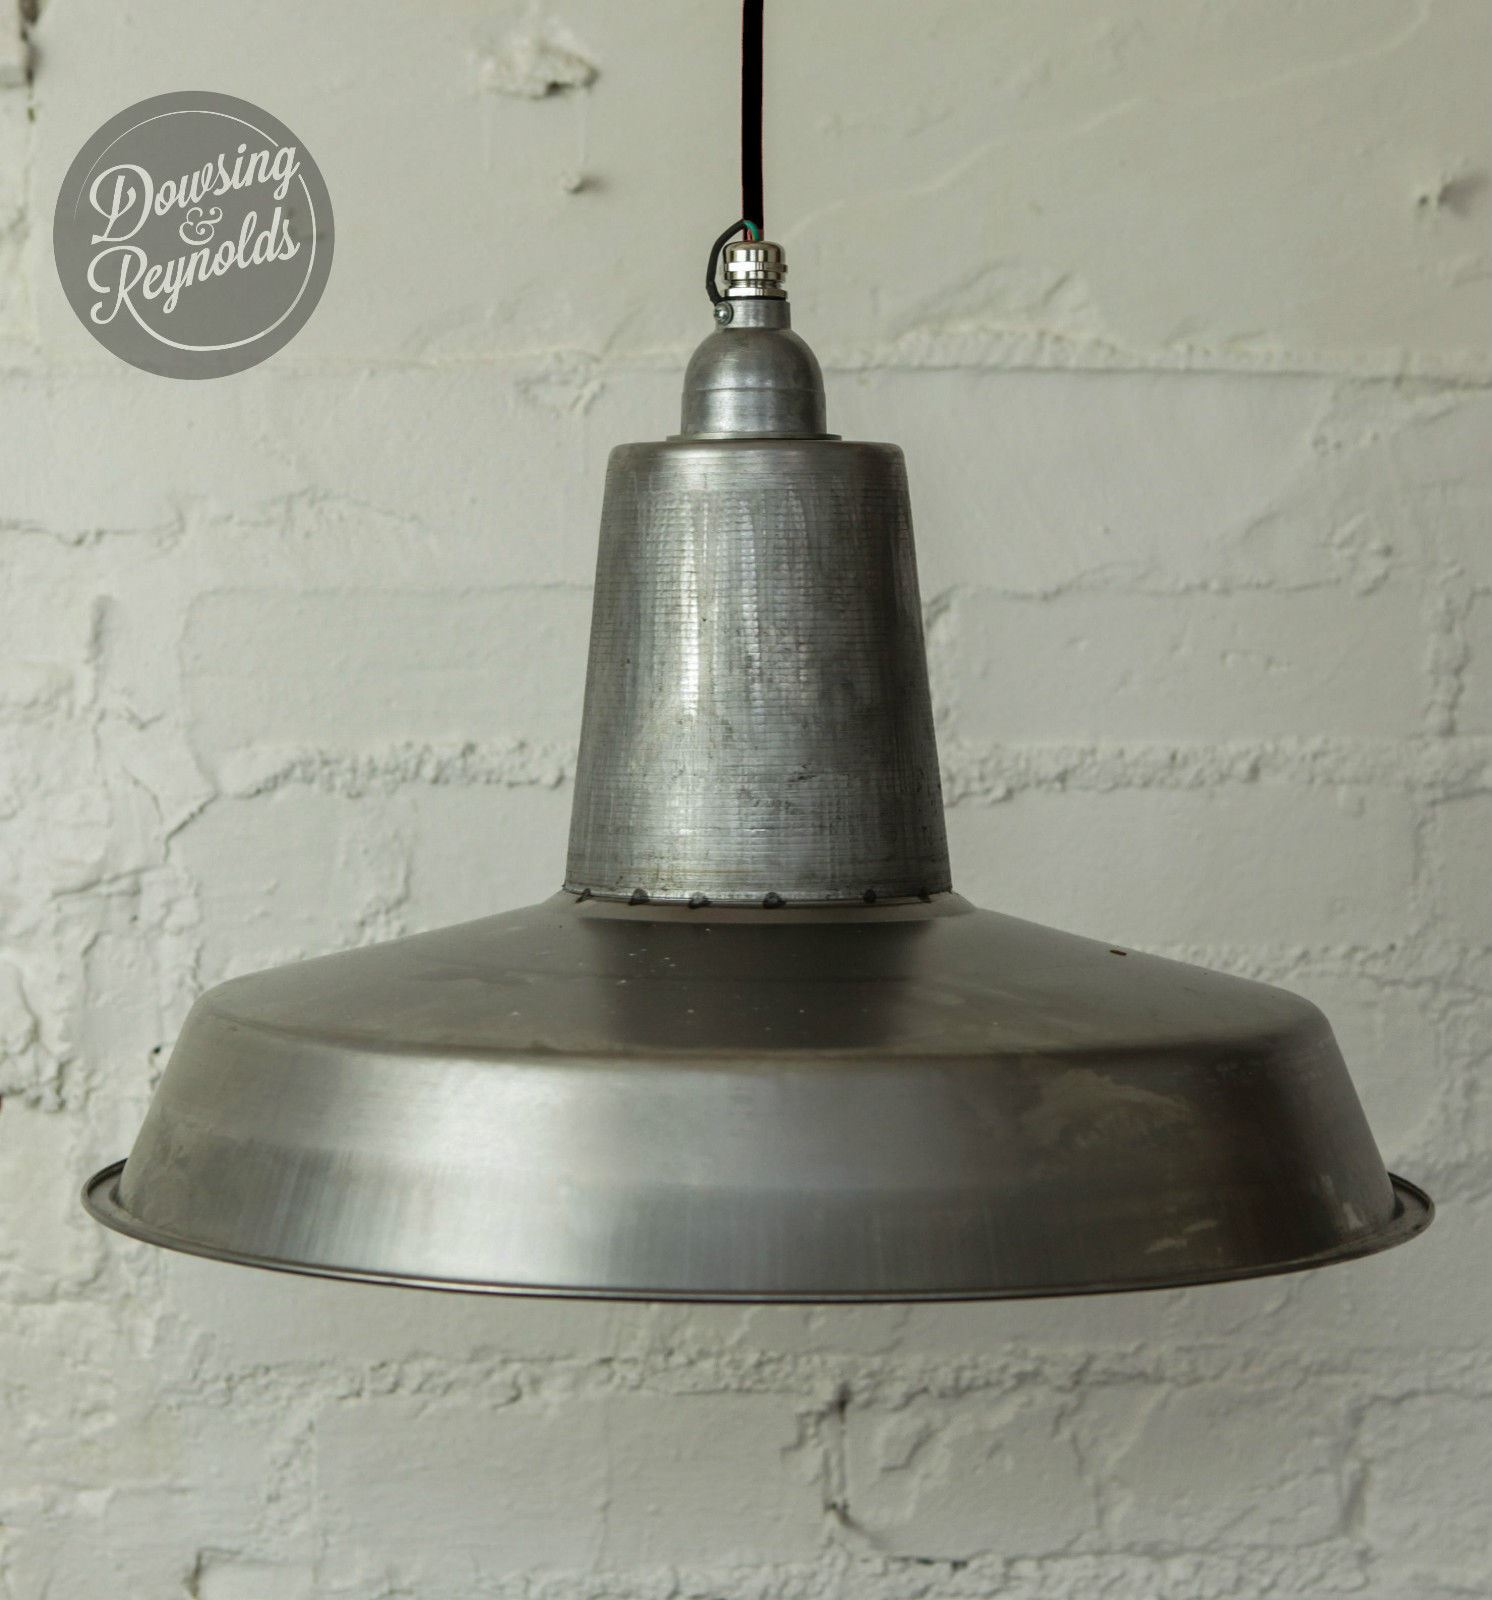 Linton plafonnier industriel vintage acier brut avec c ble en tissu ebay for Plafonnier industriel